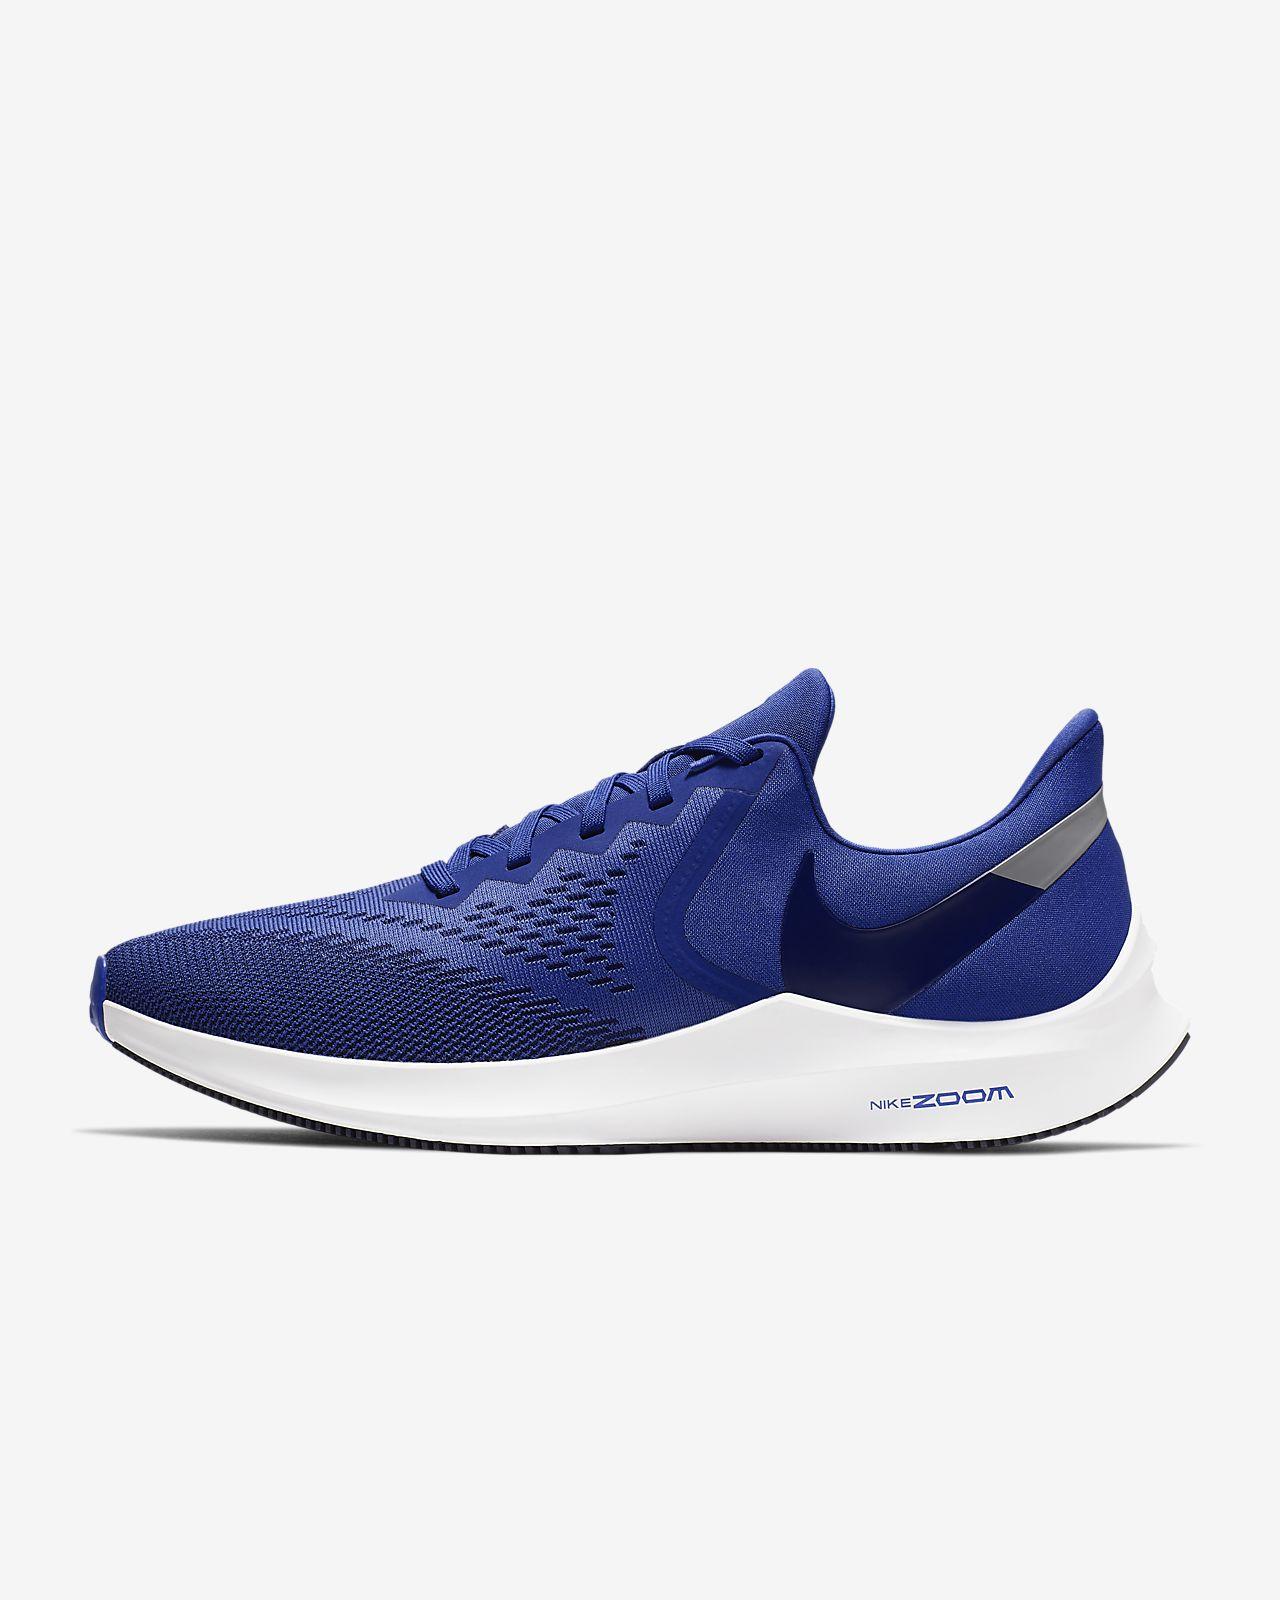 6290b260d4c61 Nike Zoom Winflo Men S Running Shoes Reviews - Style Guru  Fashion ...